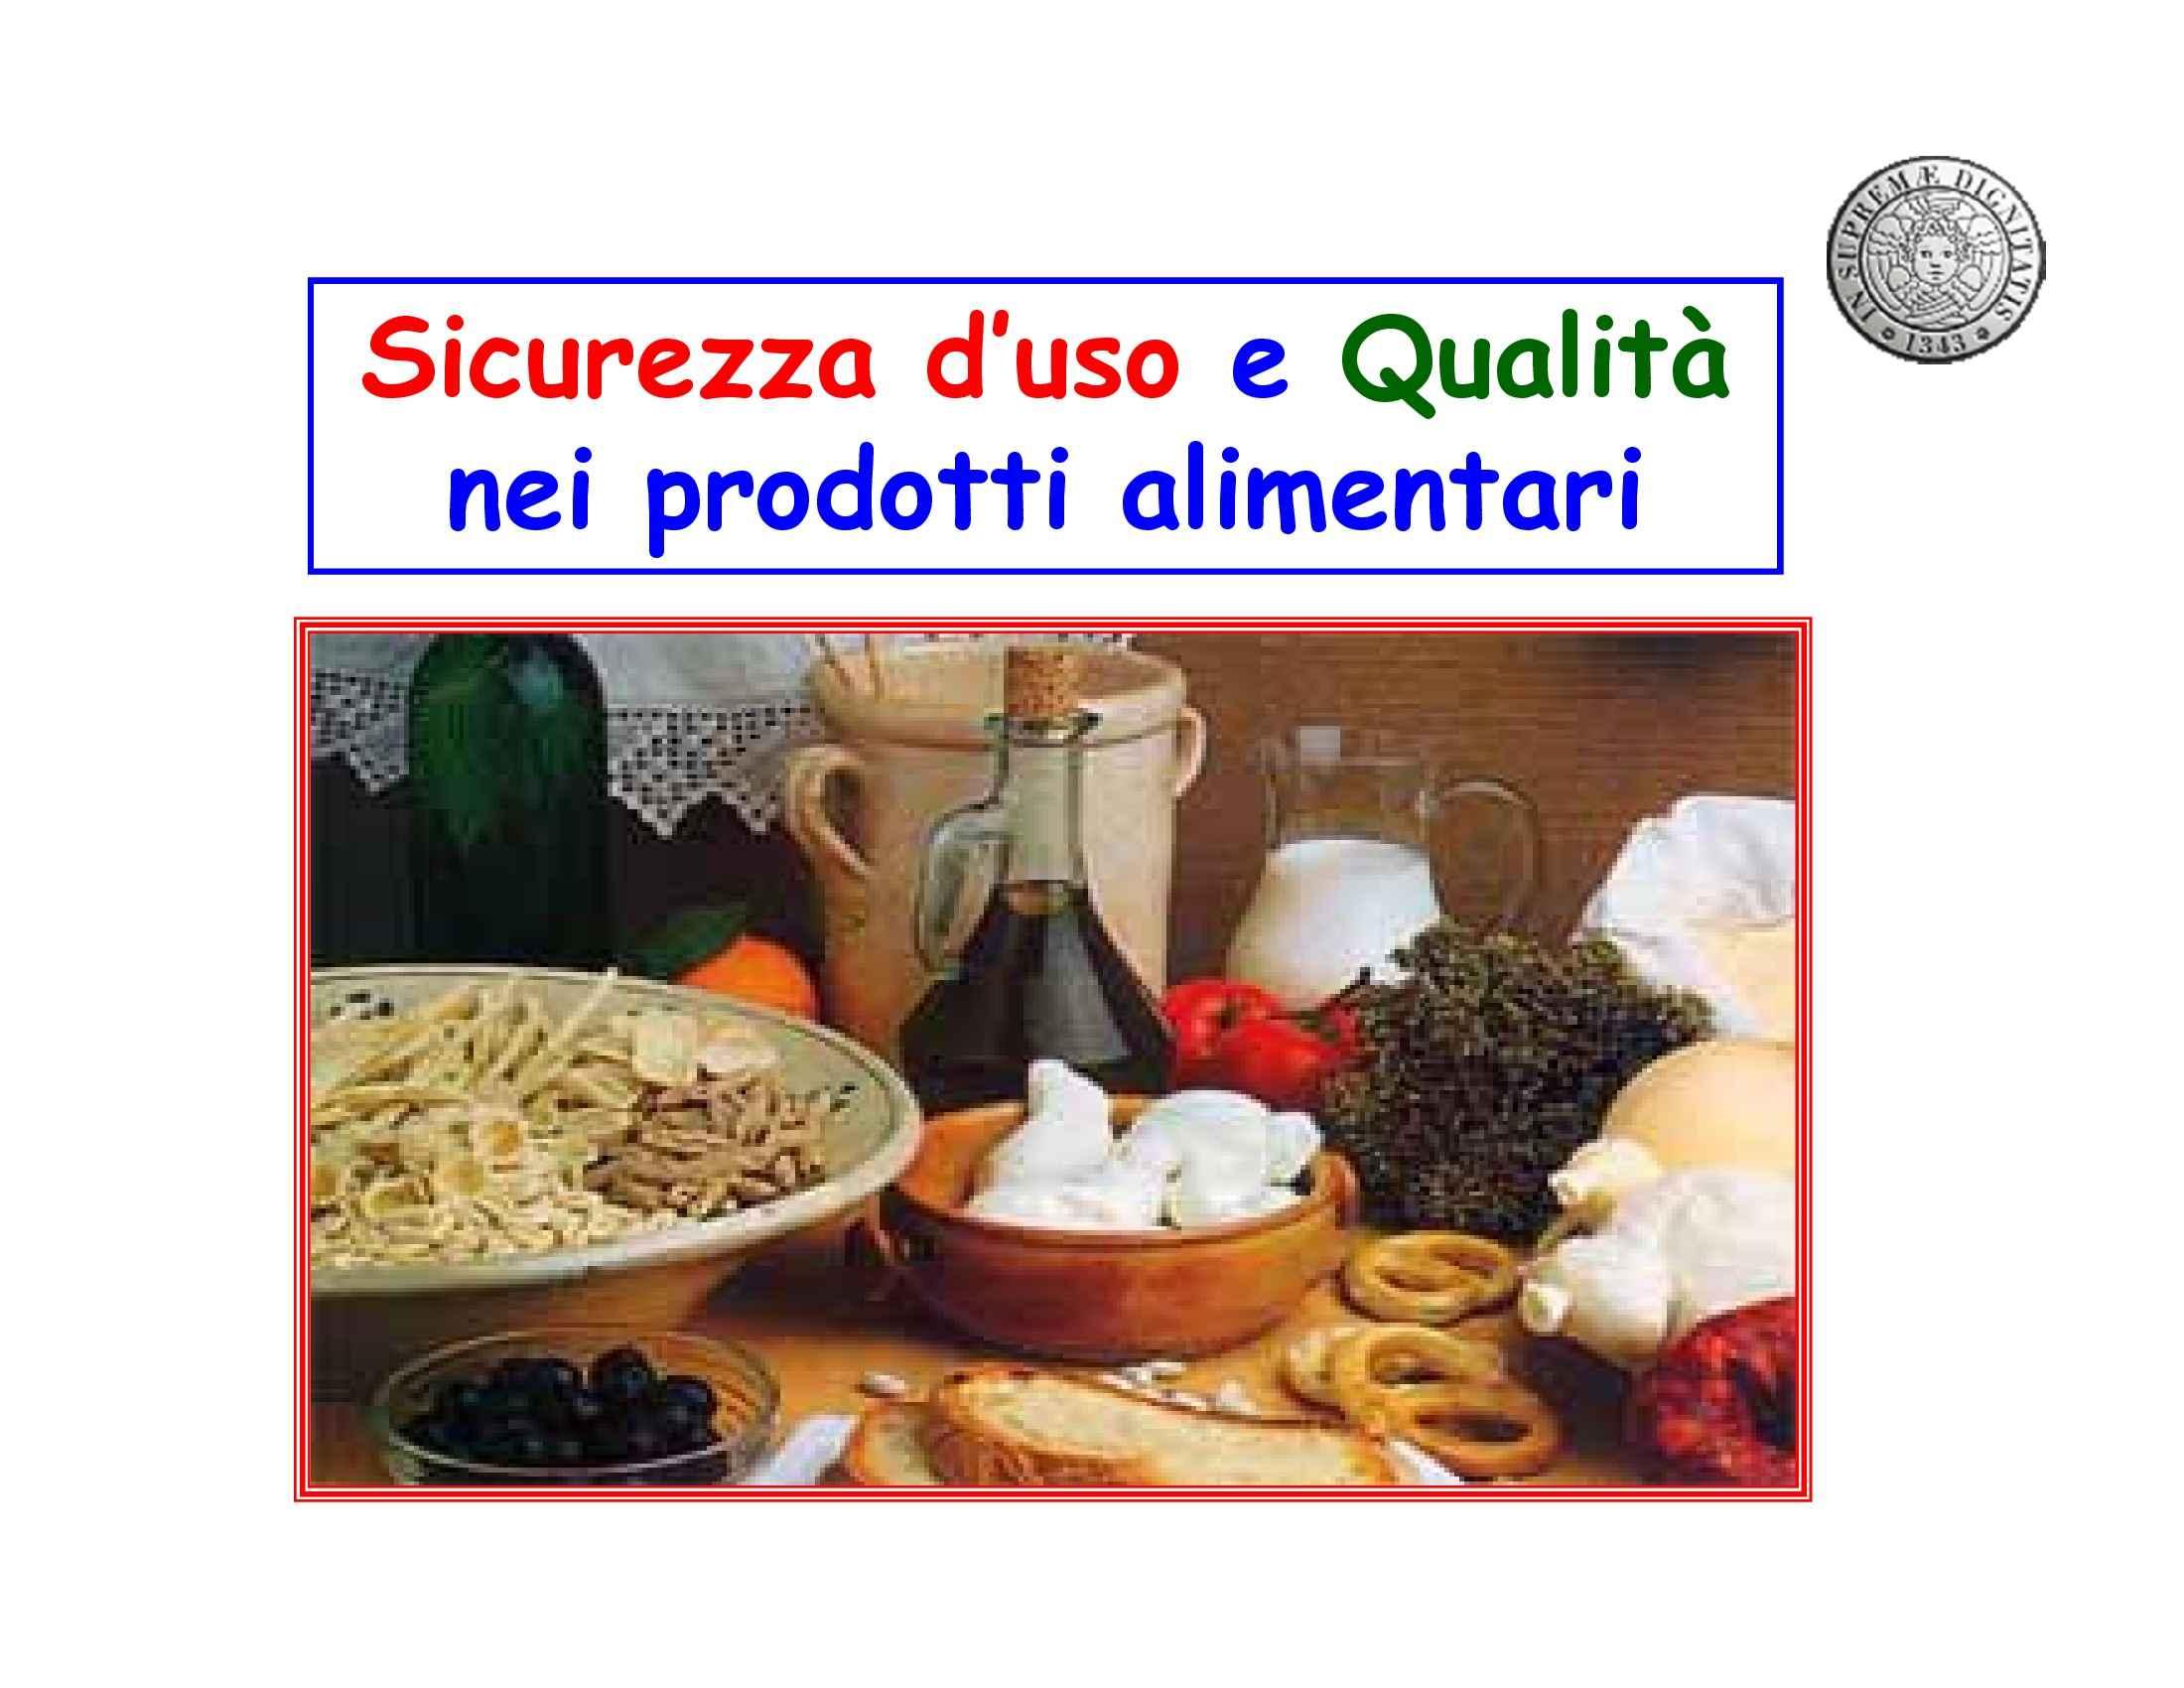 Dispensa di Tecnologie Alimentari, Sicurezza d'uso e qualità nei prodotti alimentari